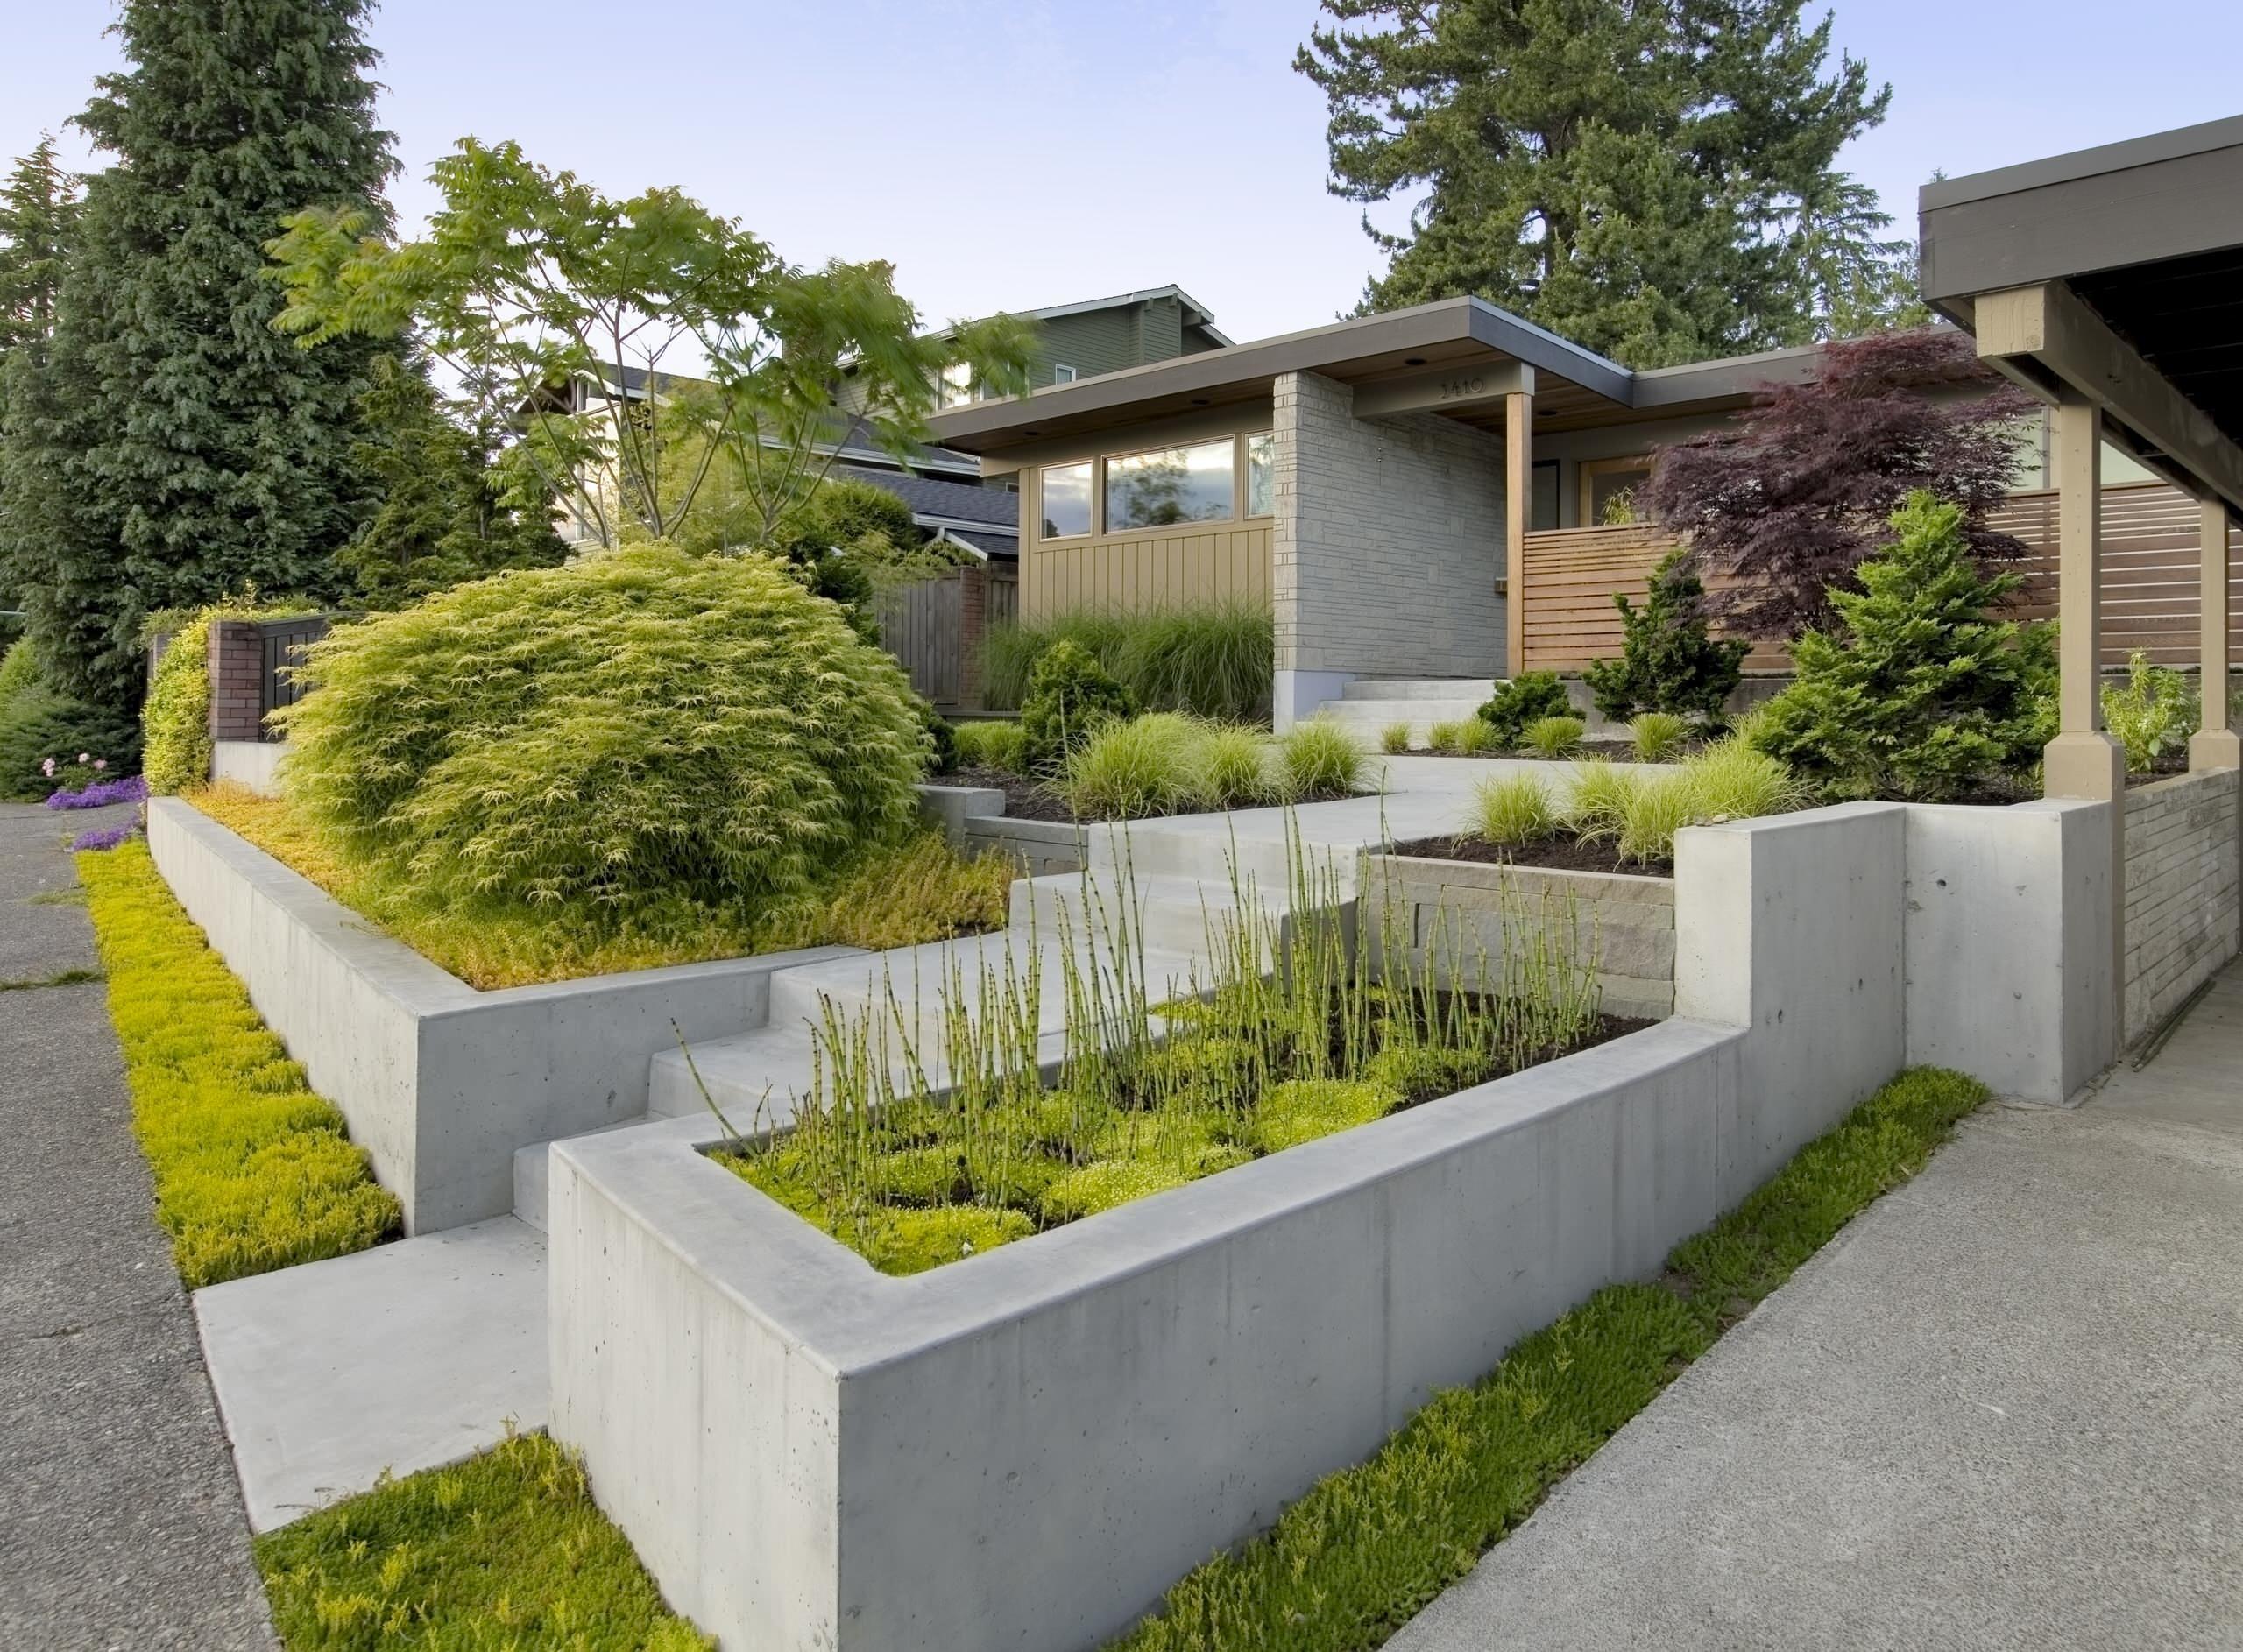 landscape design charlotte nc enhances charm of home exterior